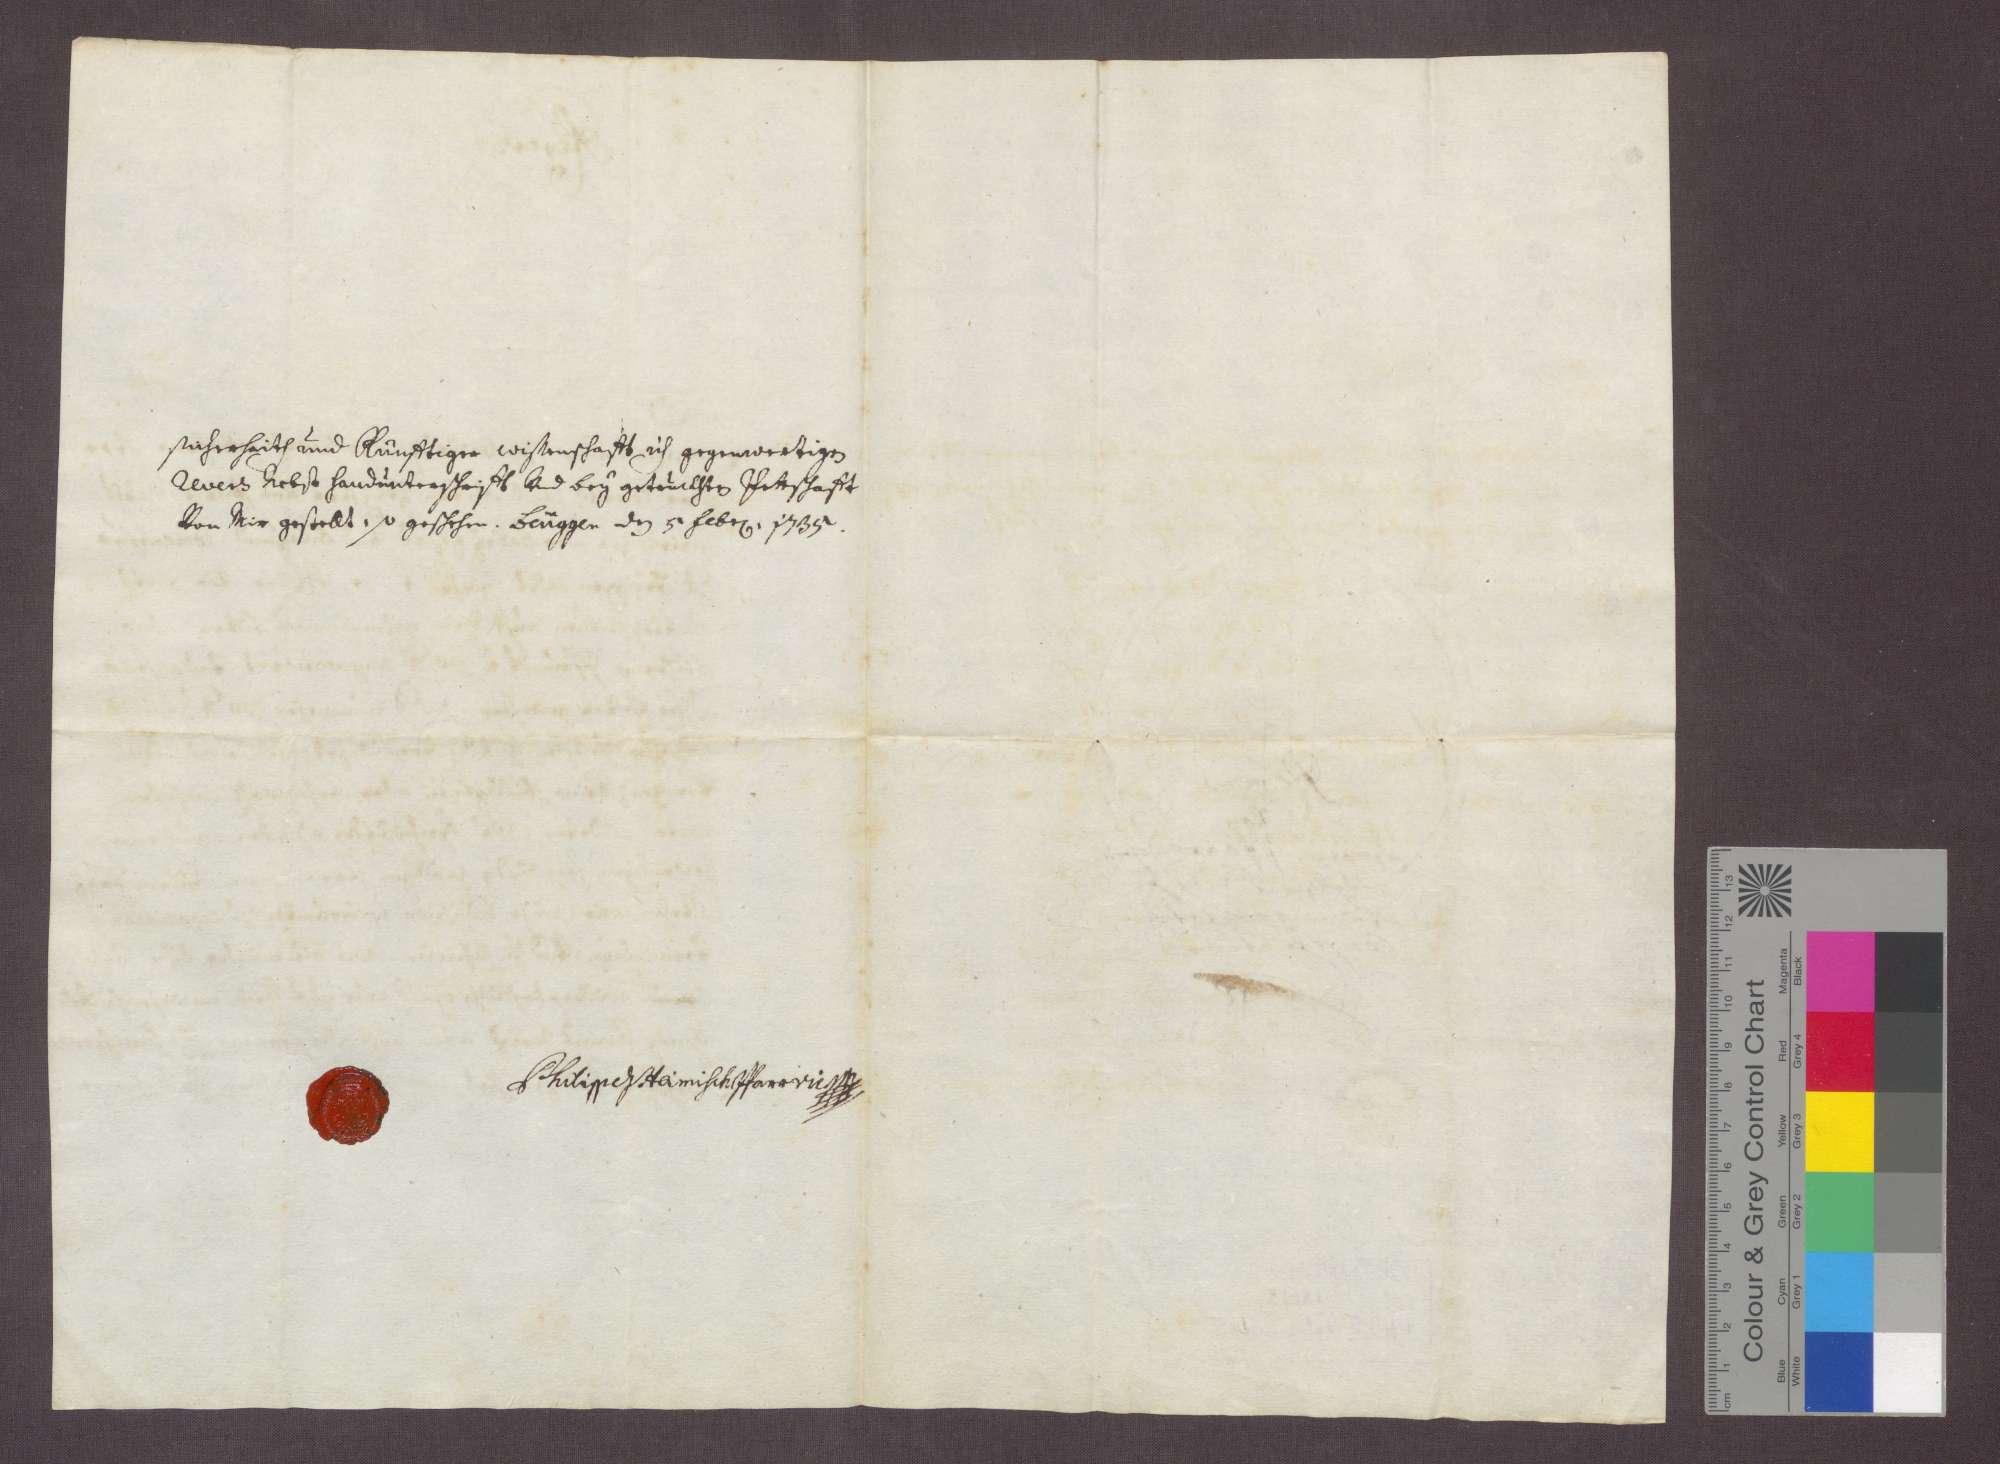 Der Pfarrvikars Philipp Heinisch reversiert gegenüber dem Komtur Karl Anton von Pfirdt zu Beuggen wegen der ihm widerruflich bewilligten Besoldungsaufbesserung seiner Pfründe von 50 auf 80 Pfund., Bild 2